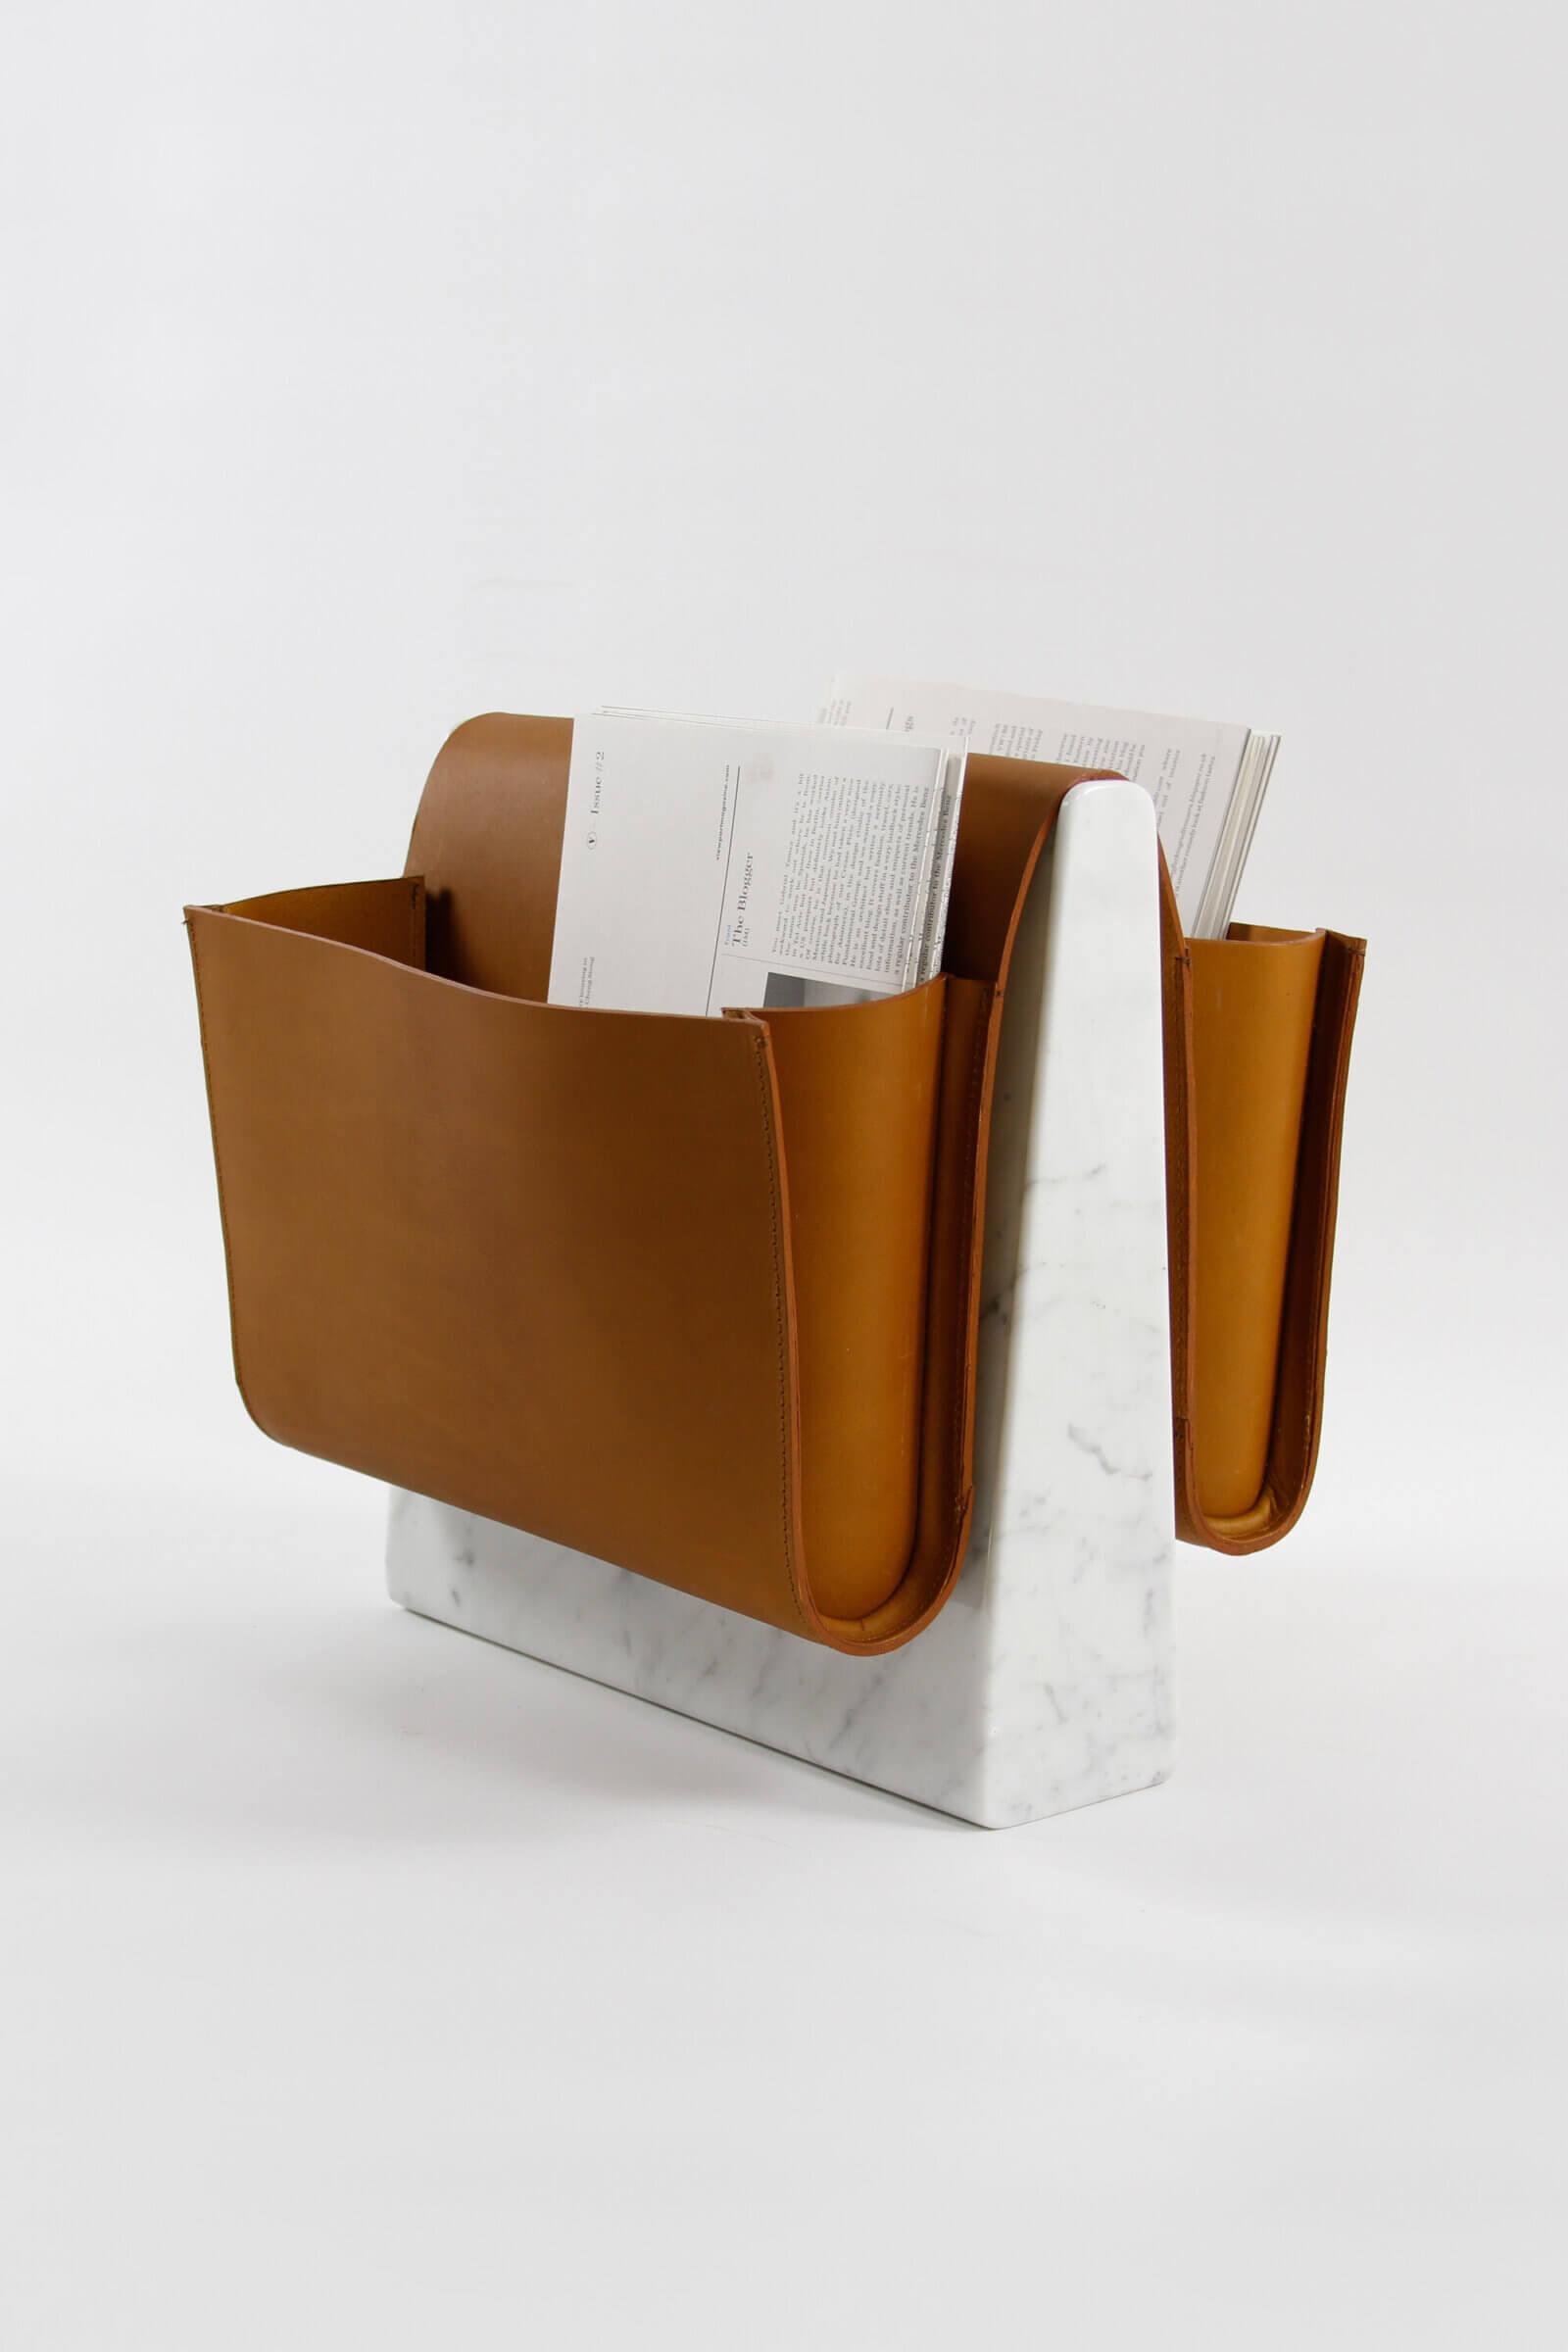 TinnappelMetz-Noble-Wood-magazine-rack-01